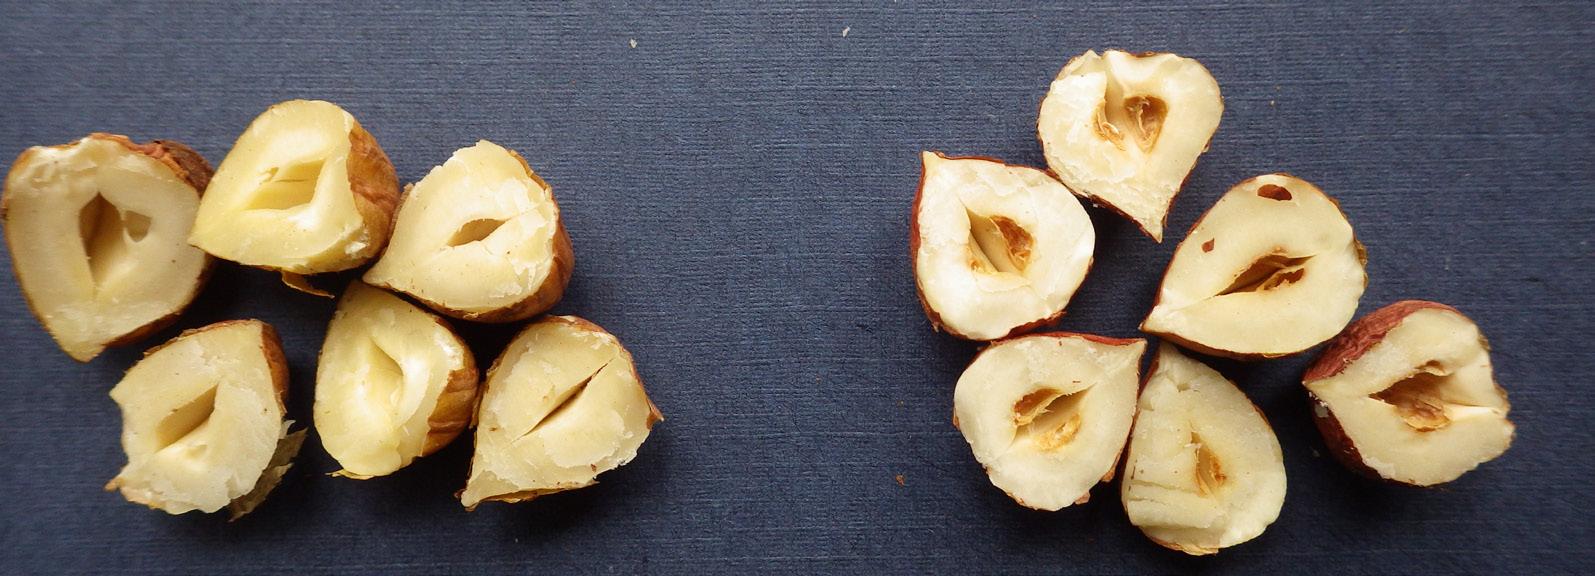 Fındık meyvesinde göbek boşluğu kahverengi leke belirtisi (sağda lekeli, solda normal meyveler